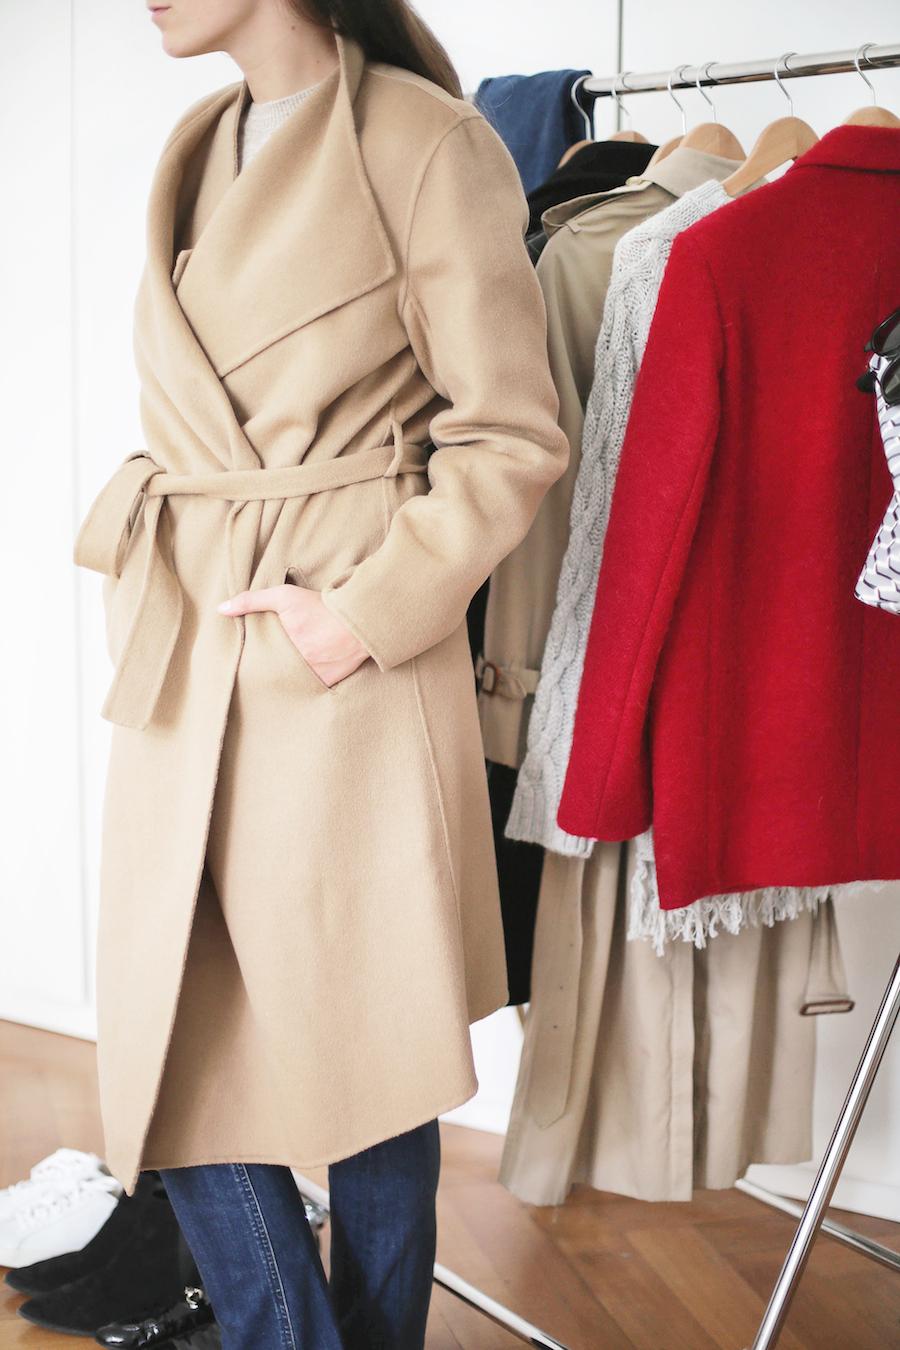 fall_edit_basic_wardrobe_faves_1fall_edit_basic_wardrobe_faves_14